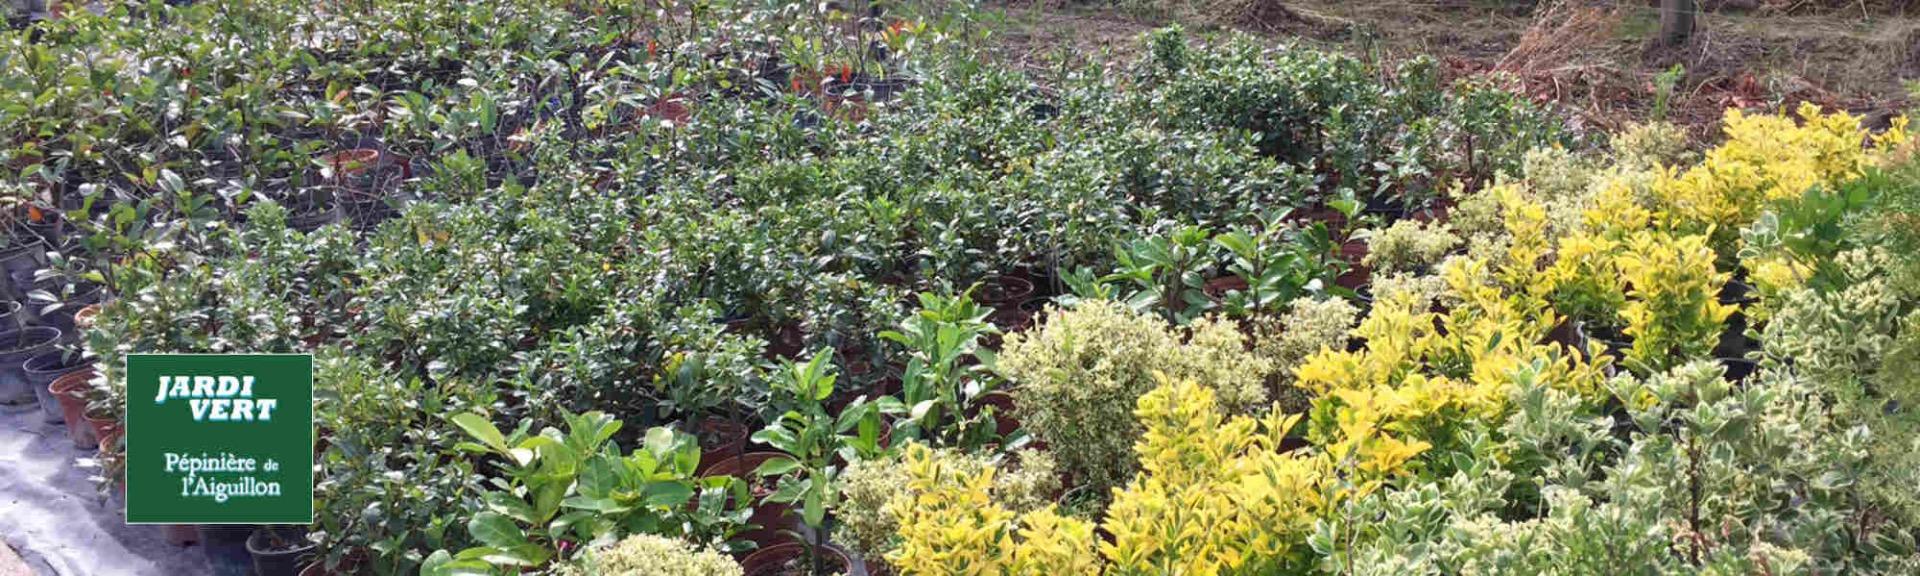 Jardinerie Pas Cher Toulouse grand choix d'arbustes de haie - pépinière de l'aiguillon à